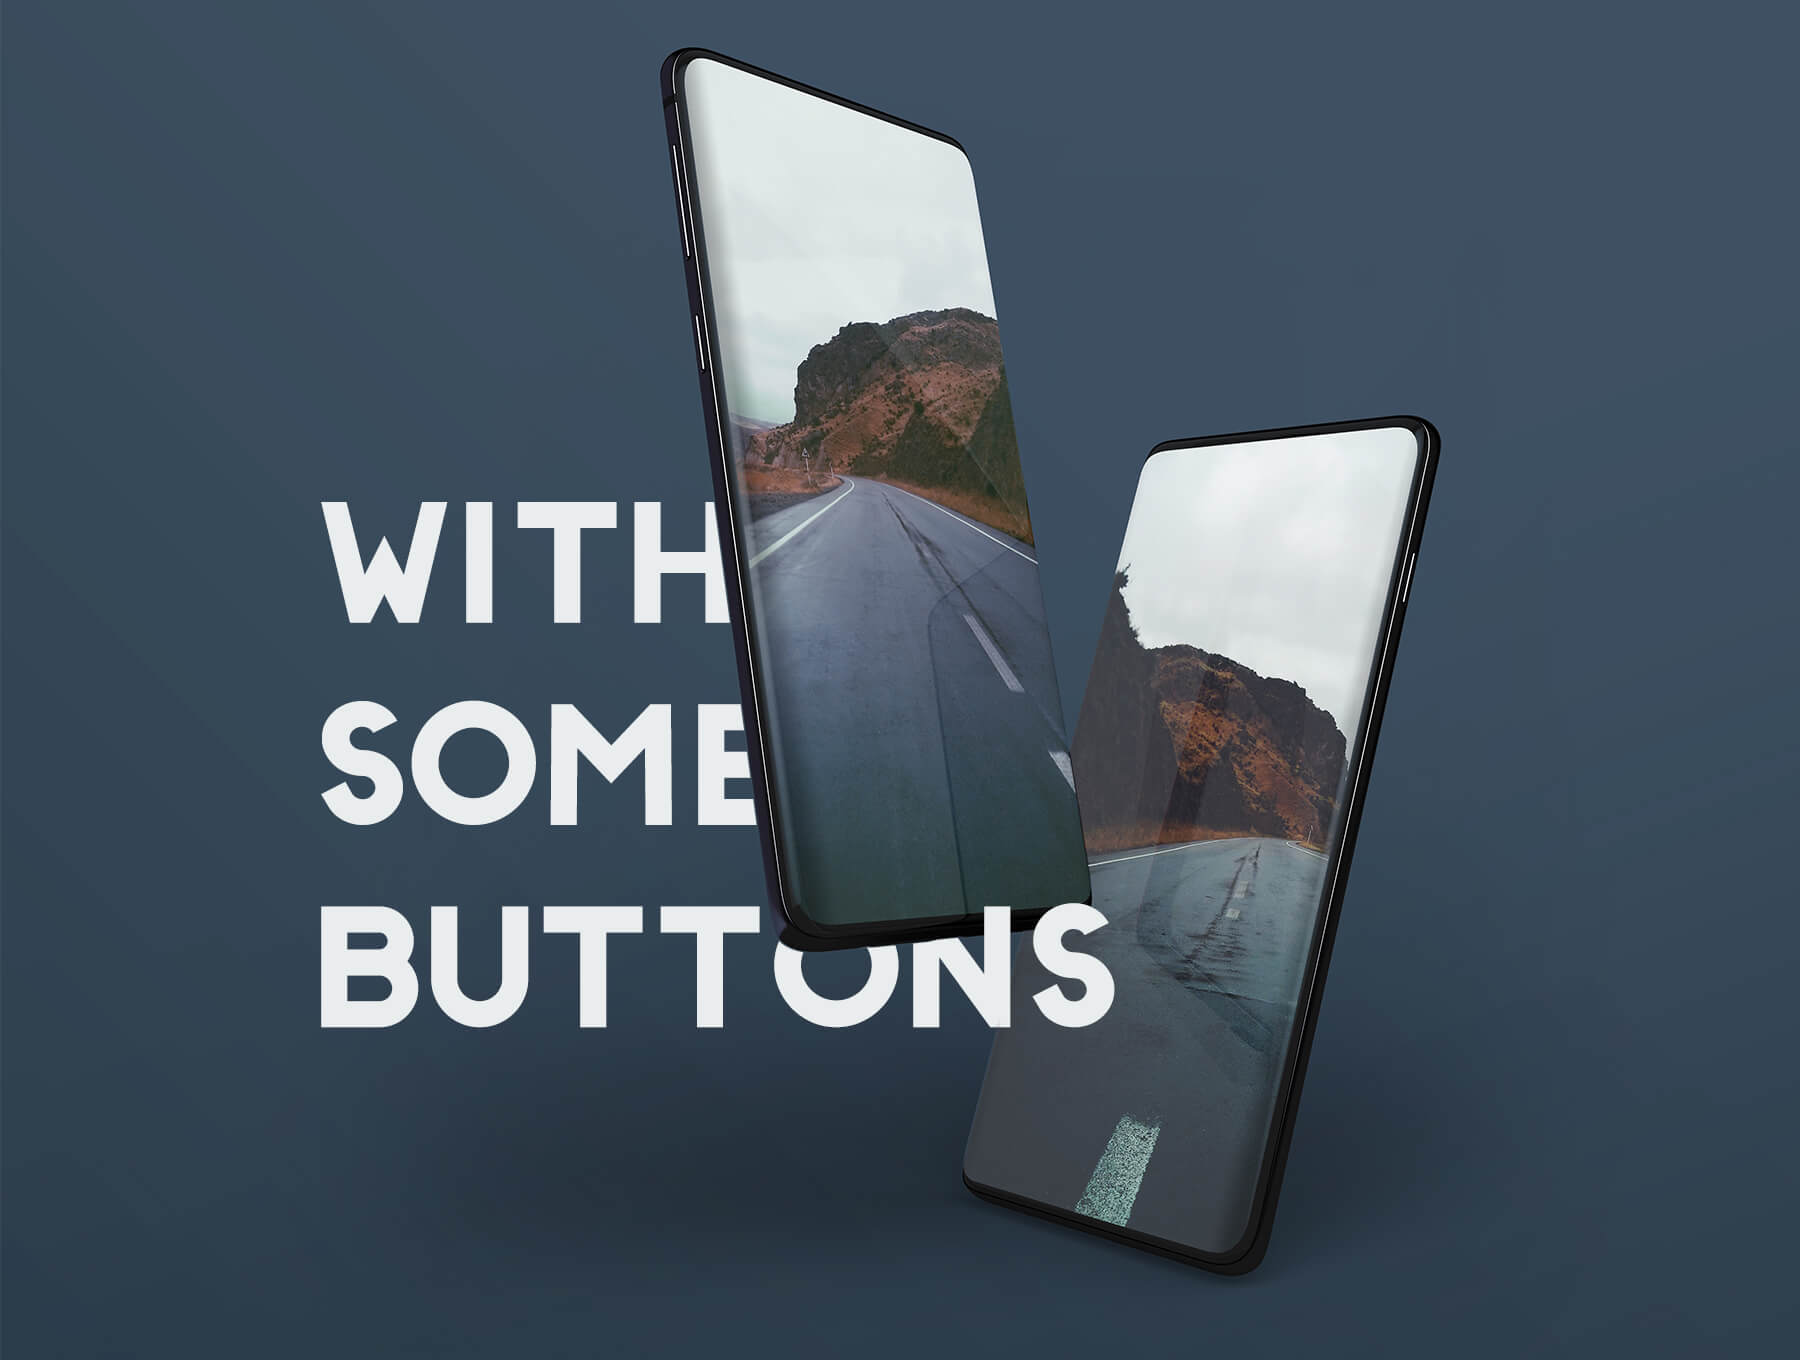 三星Galaxy S10最小电话样机套件模版素材Minimal Phones Mockup Kit插图(1)